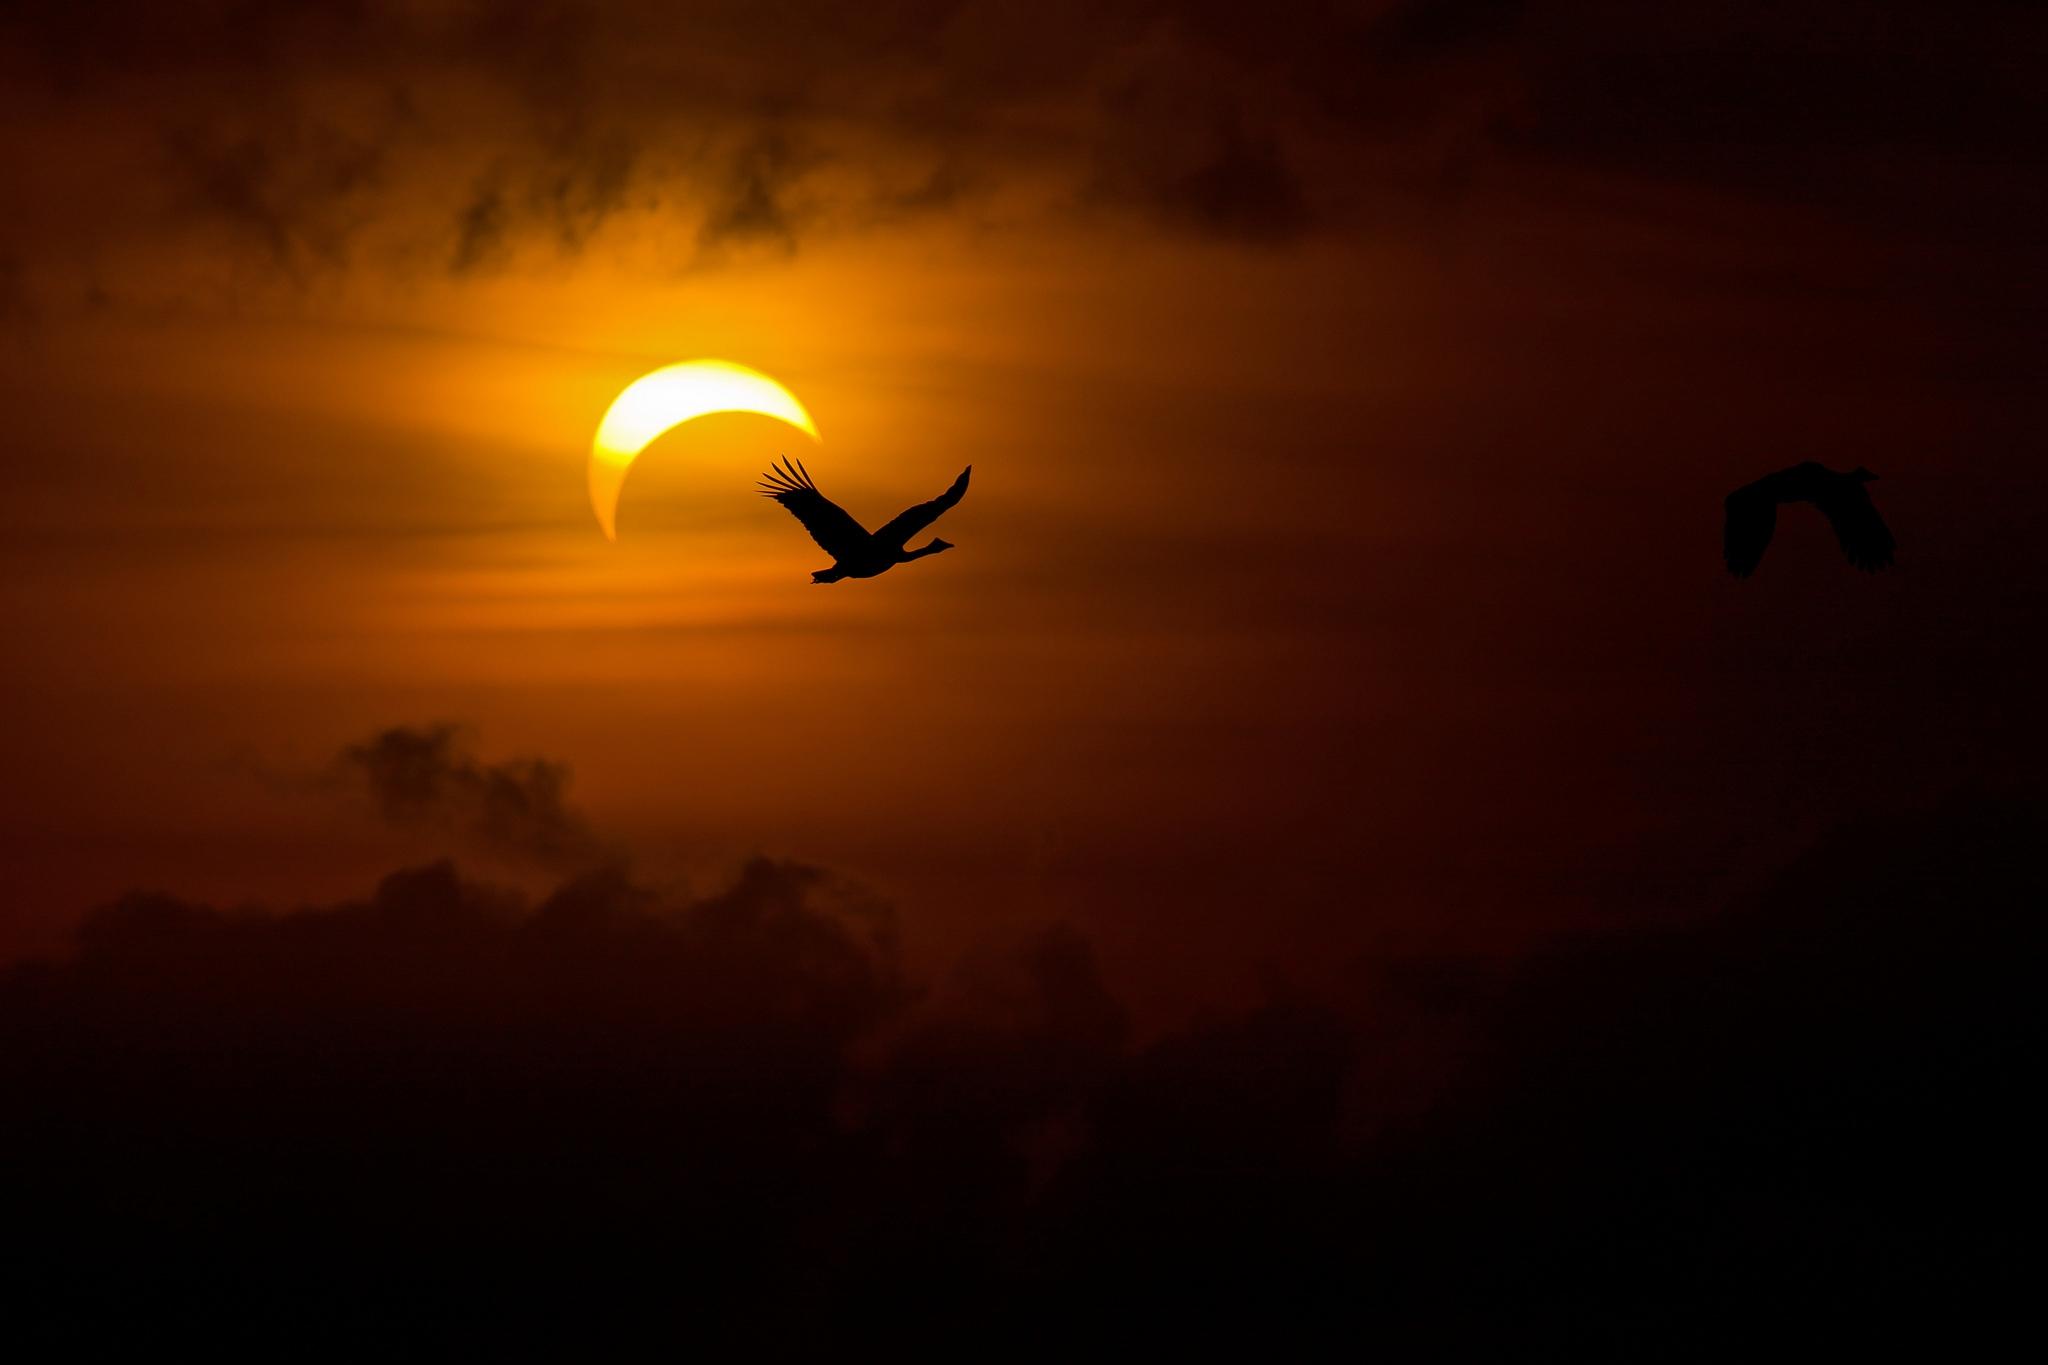 147036 Hintergrundbild herunterladen Geese, Vögel, Sun, Swans, Dunkel, Scheinen, Licht, Dunkelheit, Abend - Bildschirmschoner und Bilder kostenlos